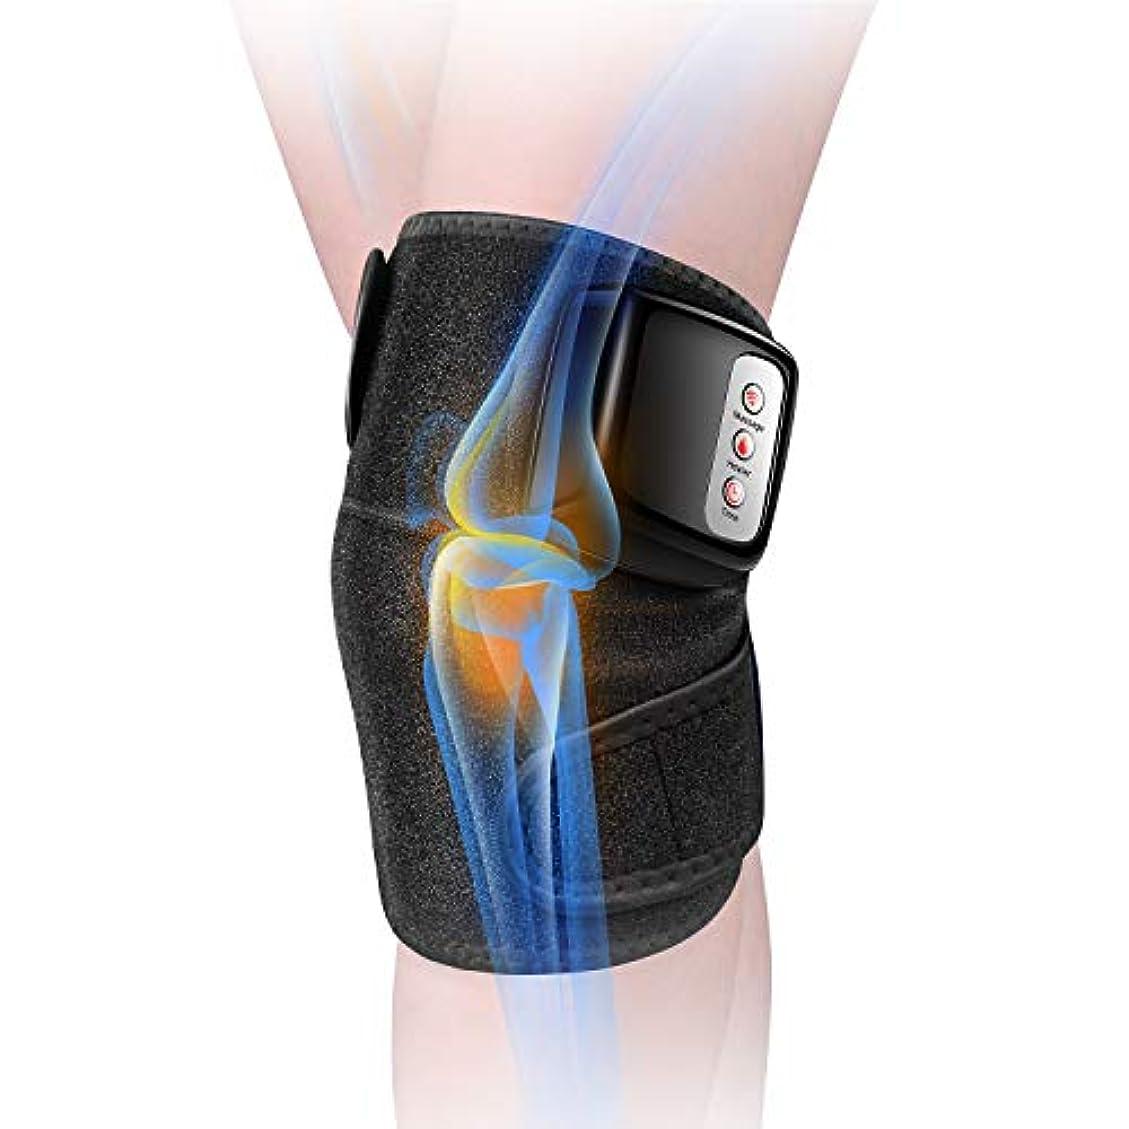 滑り台ミルディーラー膝マッサージャー 関節マッサージャー マッサージ器 フットマッサージャー 振動 赤外線療法 温熱療法 膝サポーター ストレス解消 肩 太もも/腕対応